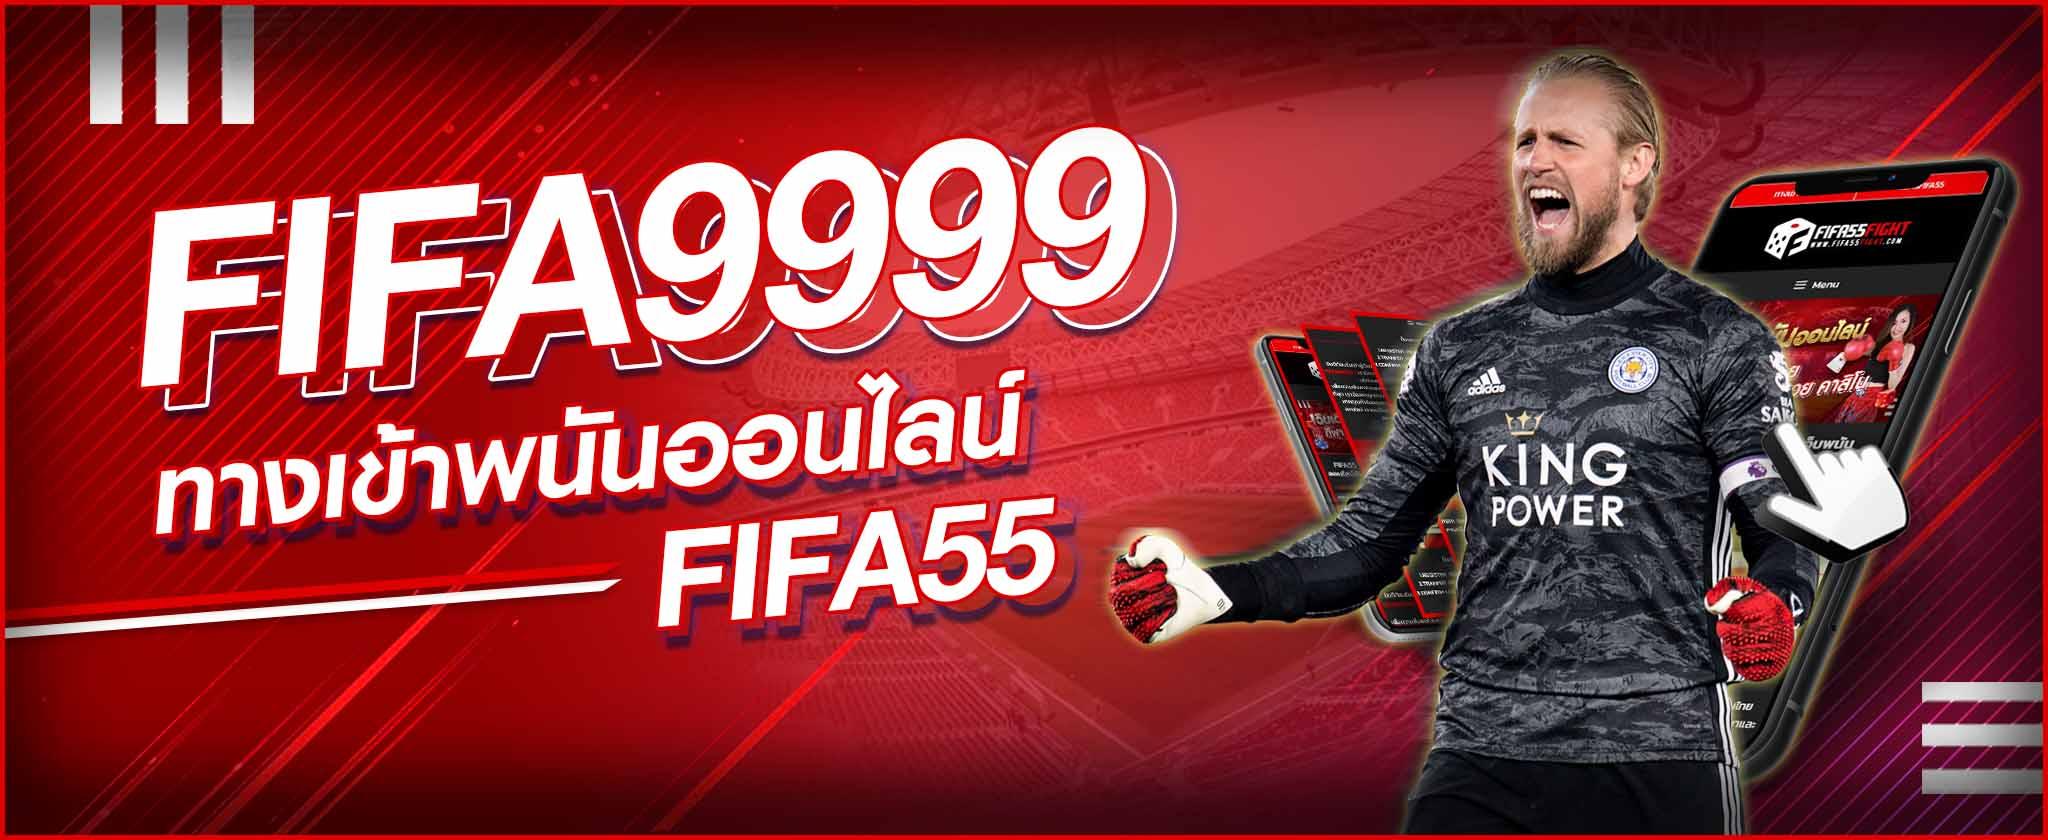 FIFA9999